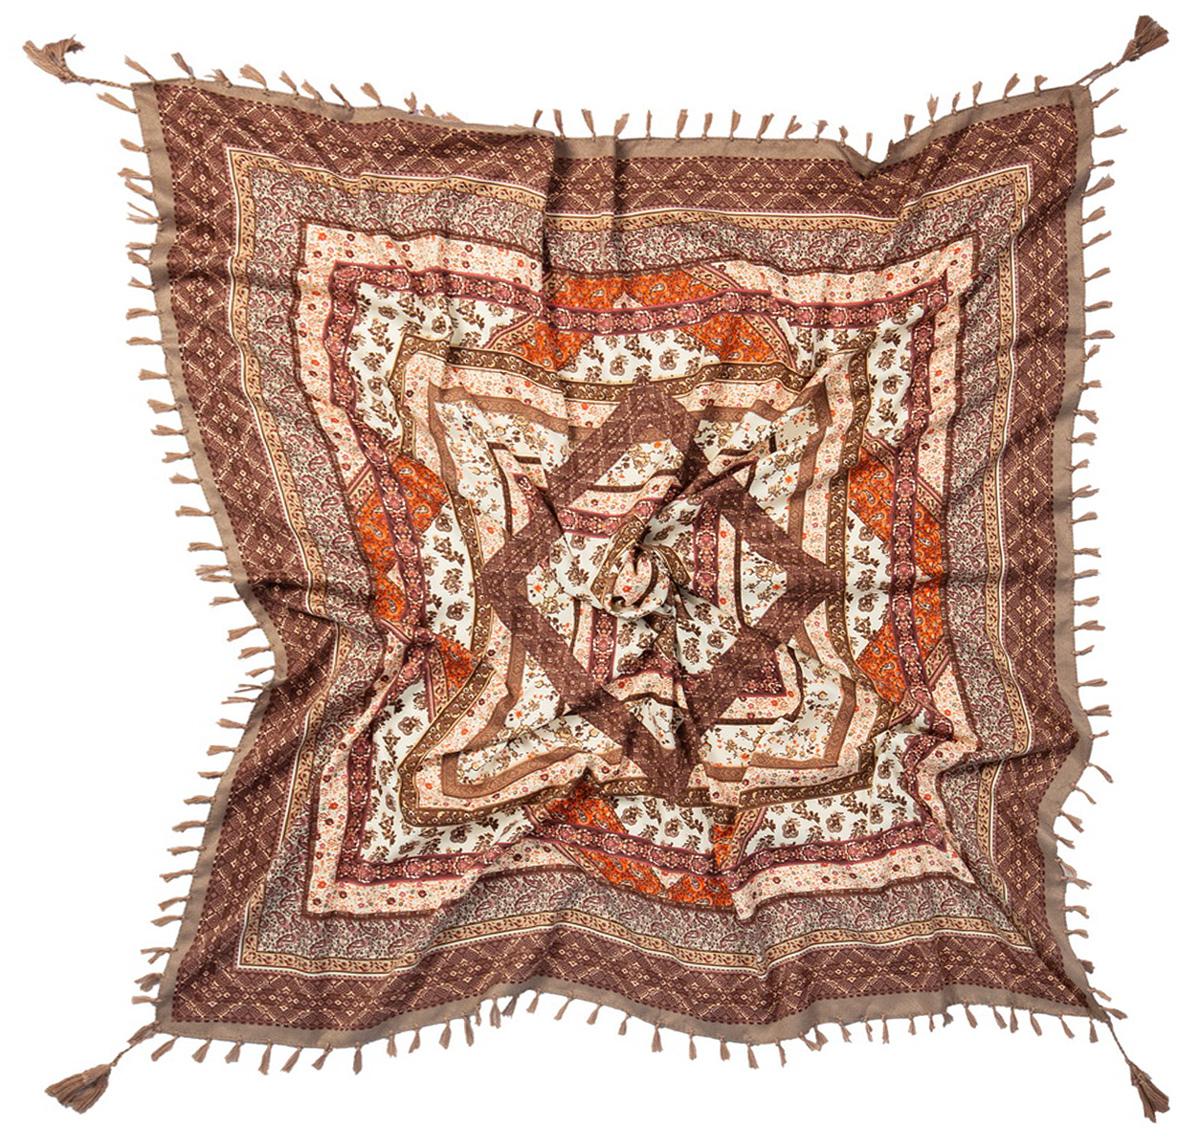 Платок1201BСтильный платок Laccom изготовлен из вискозы и хлопка. Модель оформлена оригинальным принтом и декоративными кисточками. Изделия Laccom приятные на ощупь и подойдут к любому стилю.